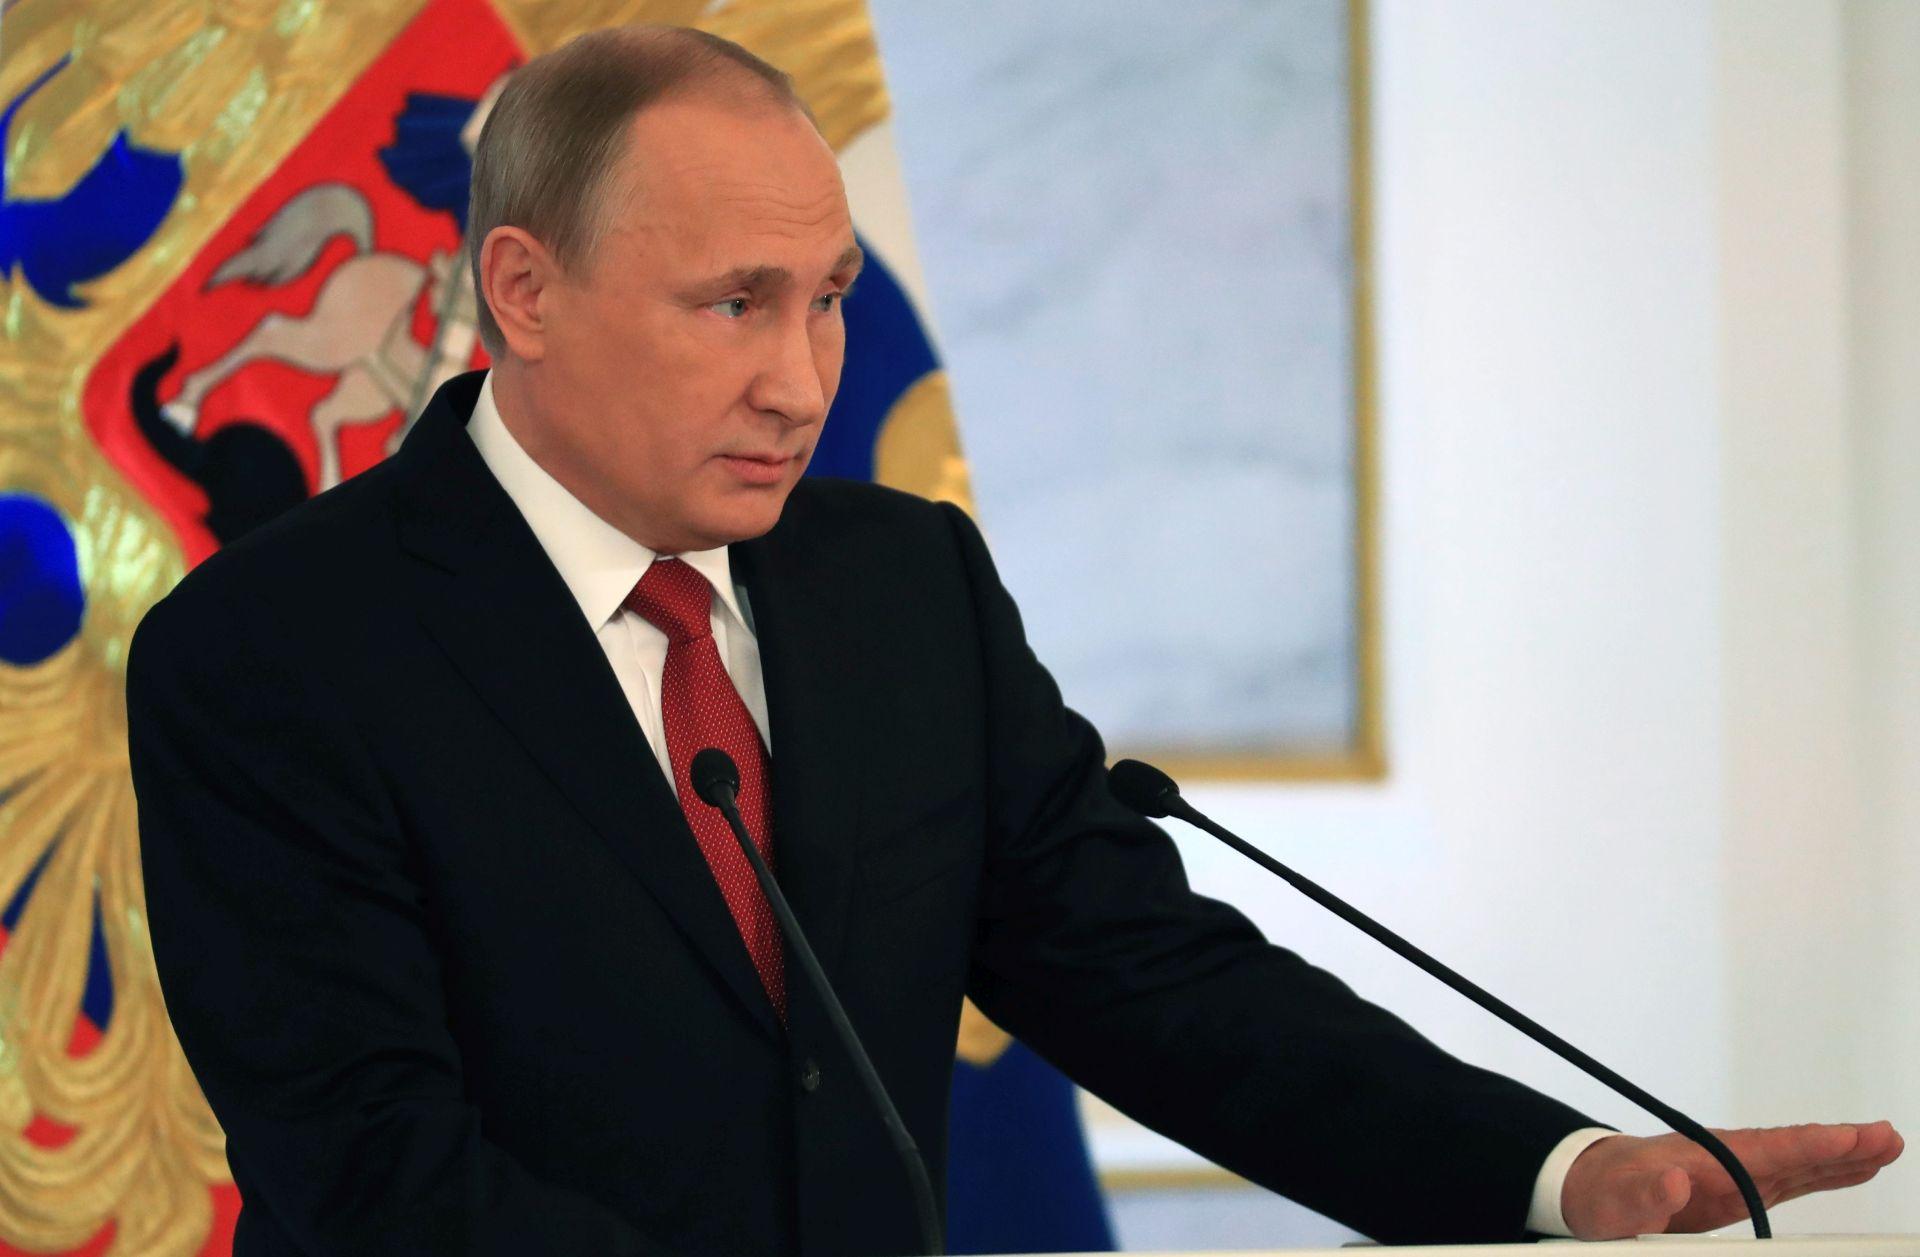 Putin podržava Trumpovu namjeru da poboljša odnose između dviju zemalja